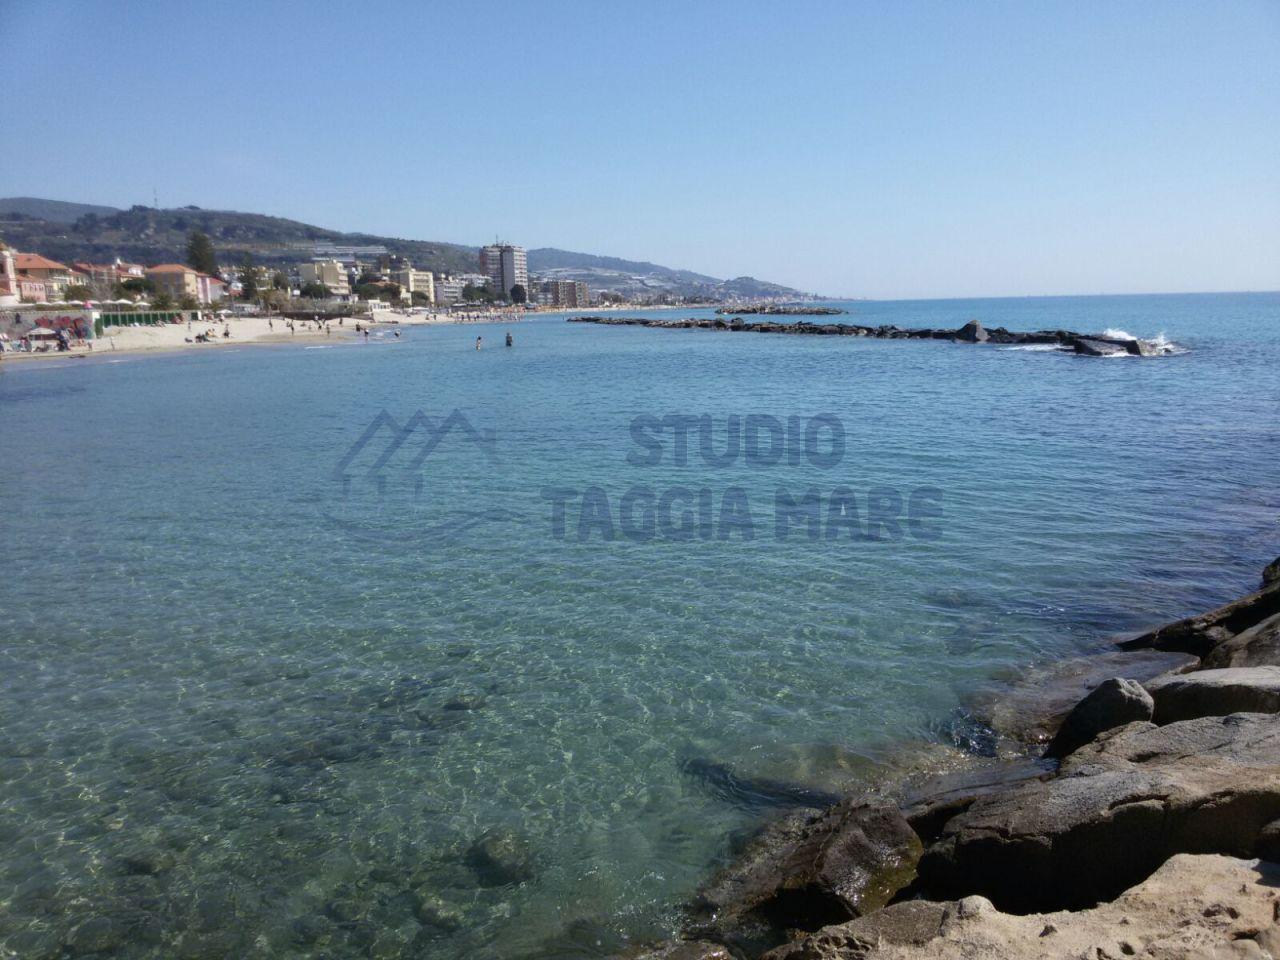 Appartamento in vendita a Taggia, 3 locali, prezzo € 260.000 | CambioCasa.it